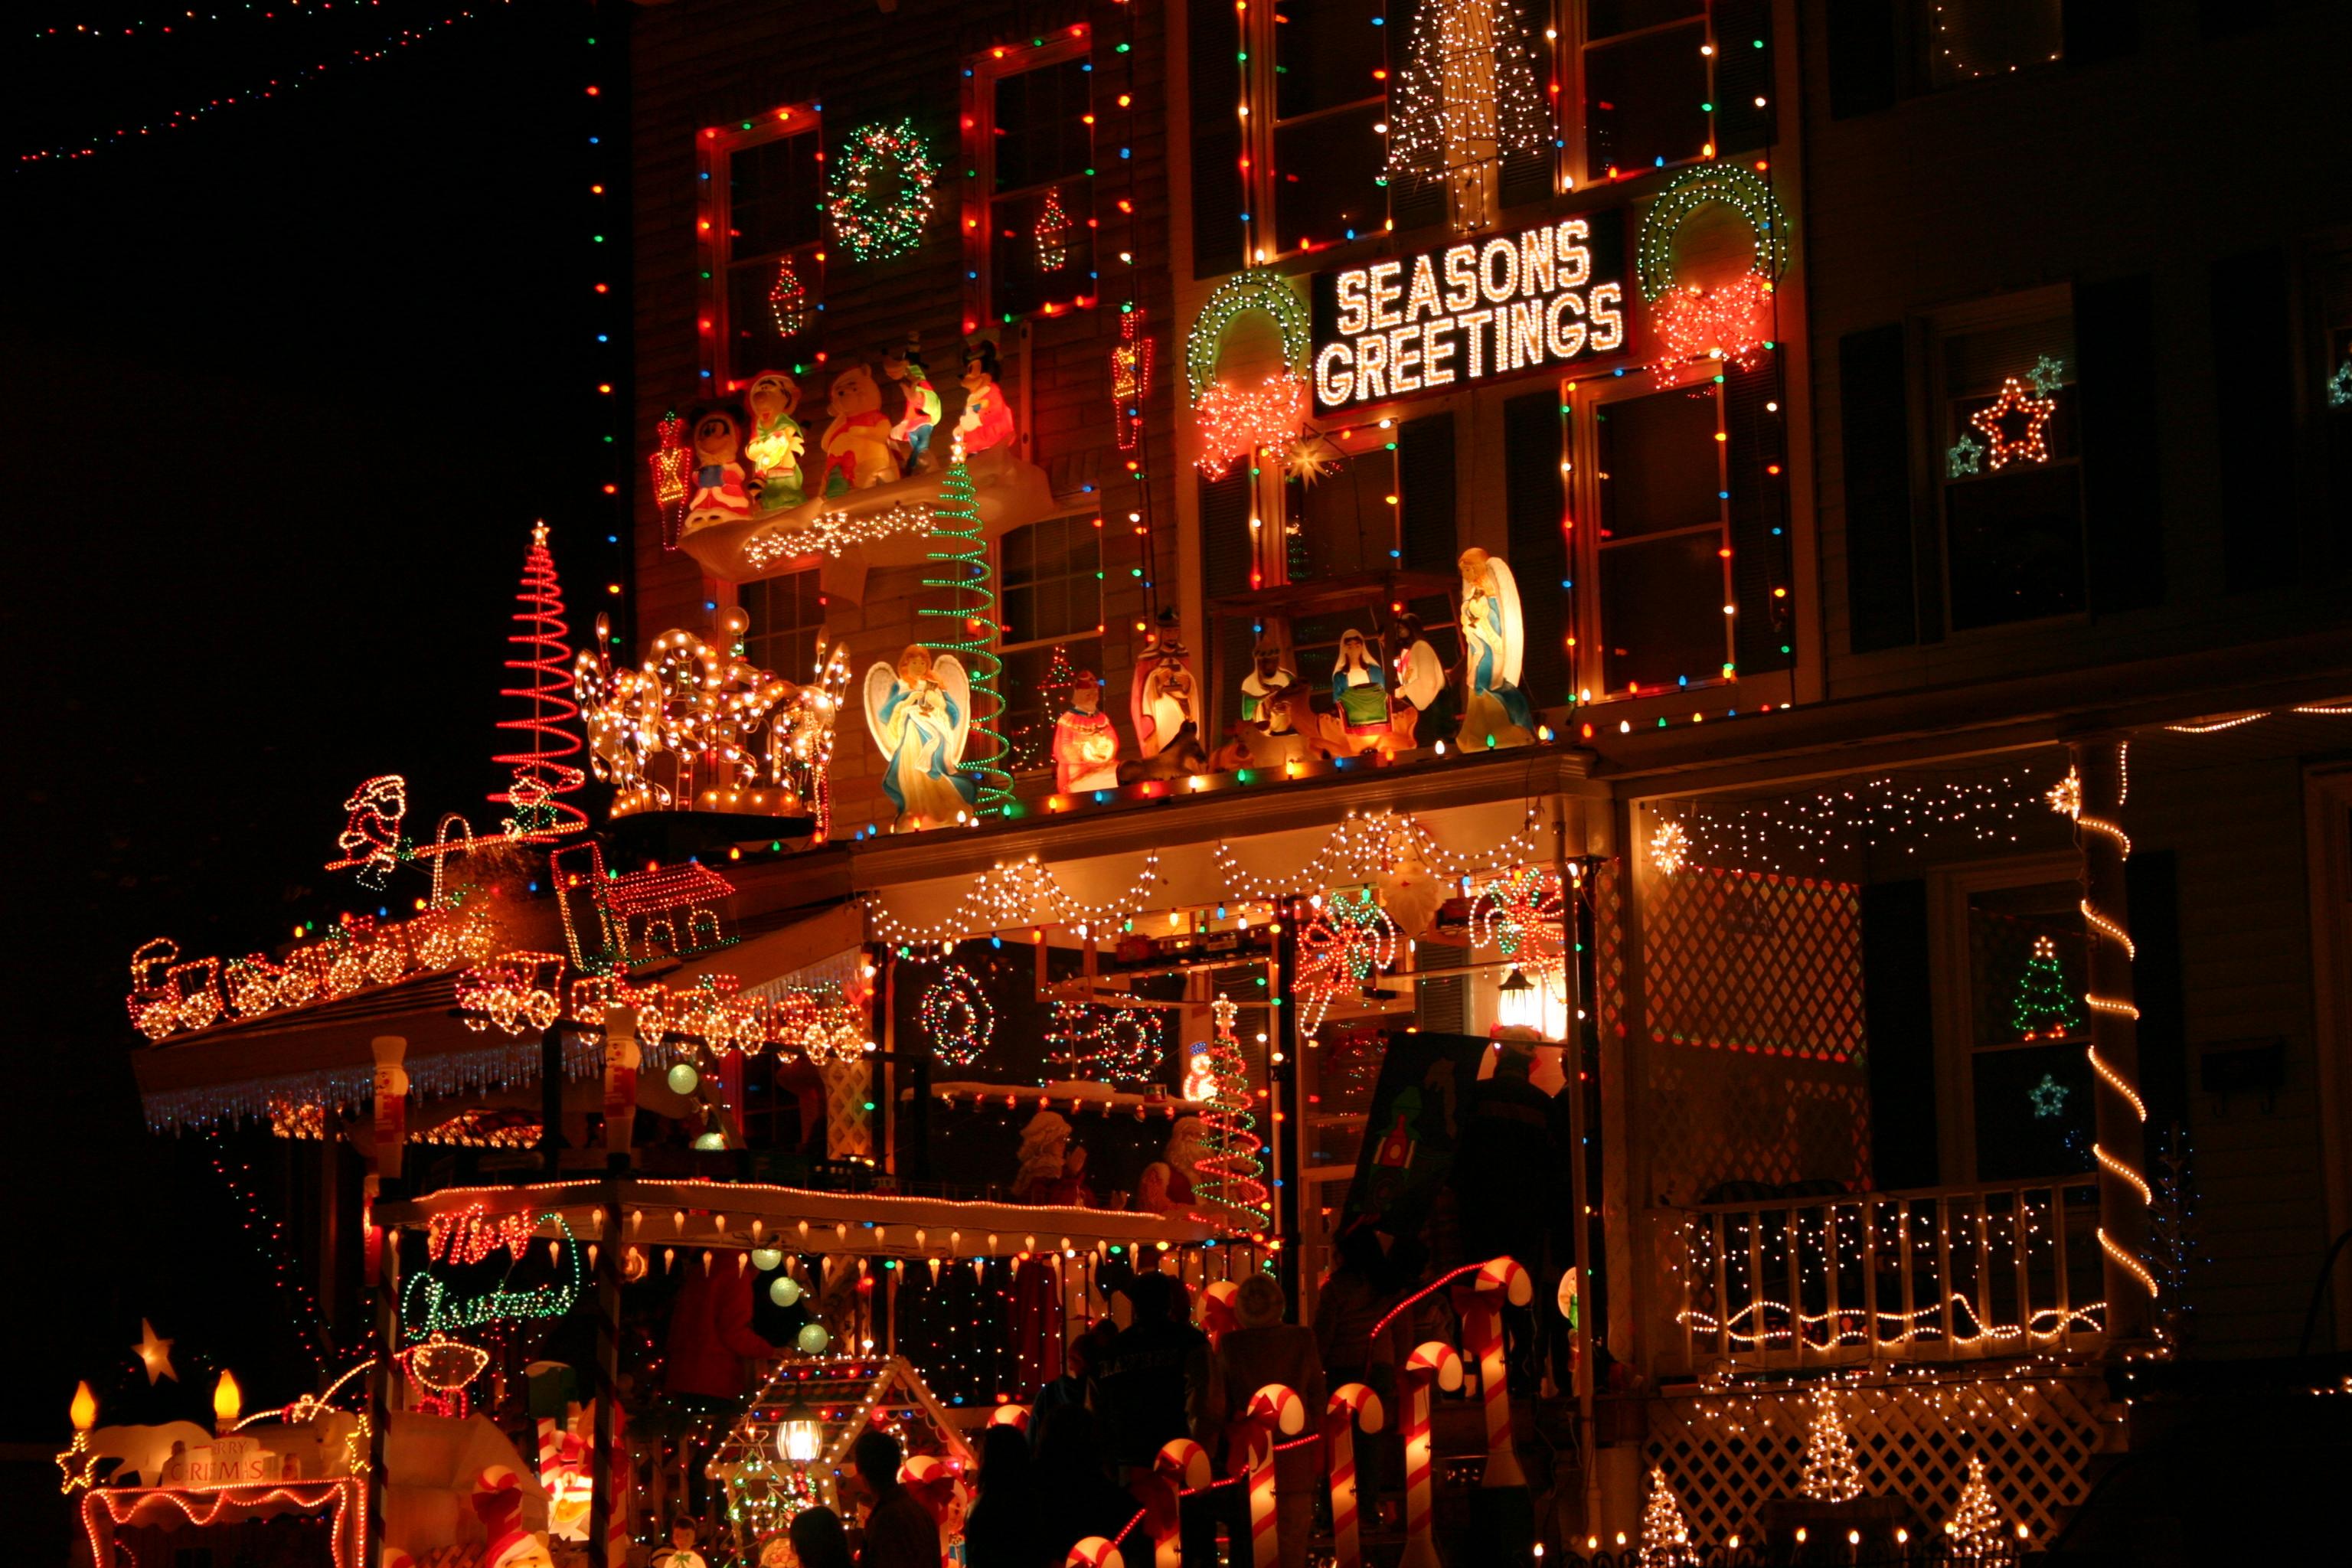 url of photo httpbaltophotoorguploadshampden christmas lights 34th street 5473 bpxhdx5phjpg - Baltimore 34th Street Christmas Lights